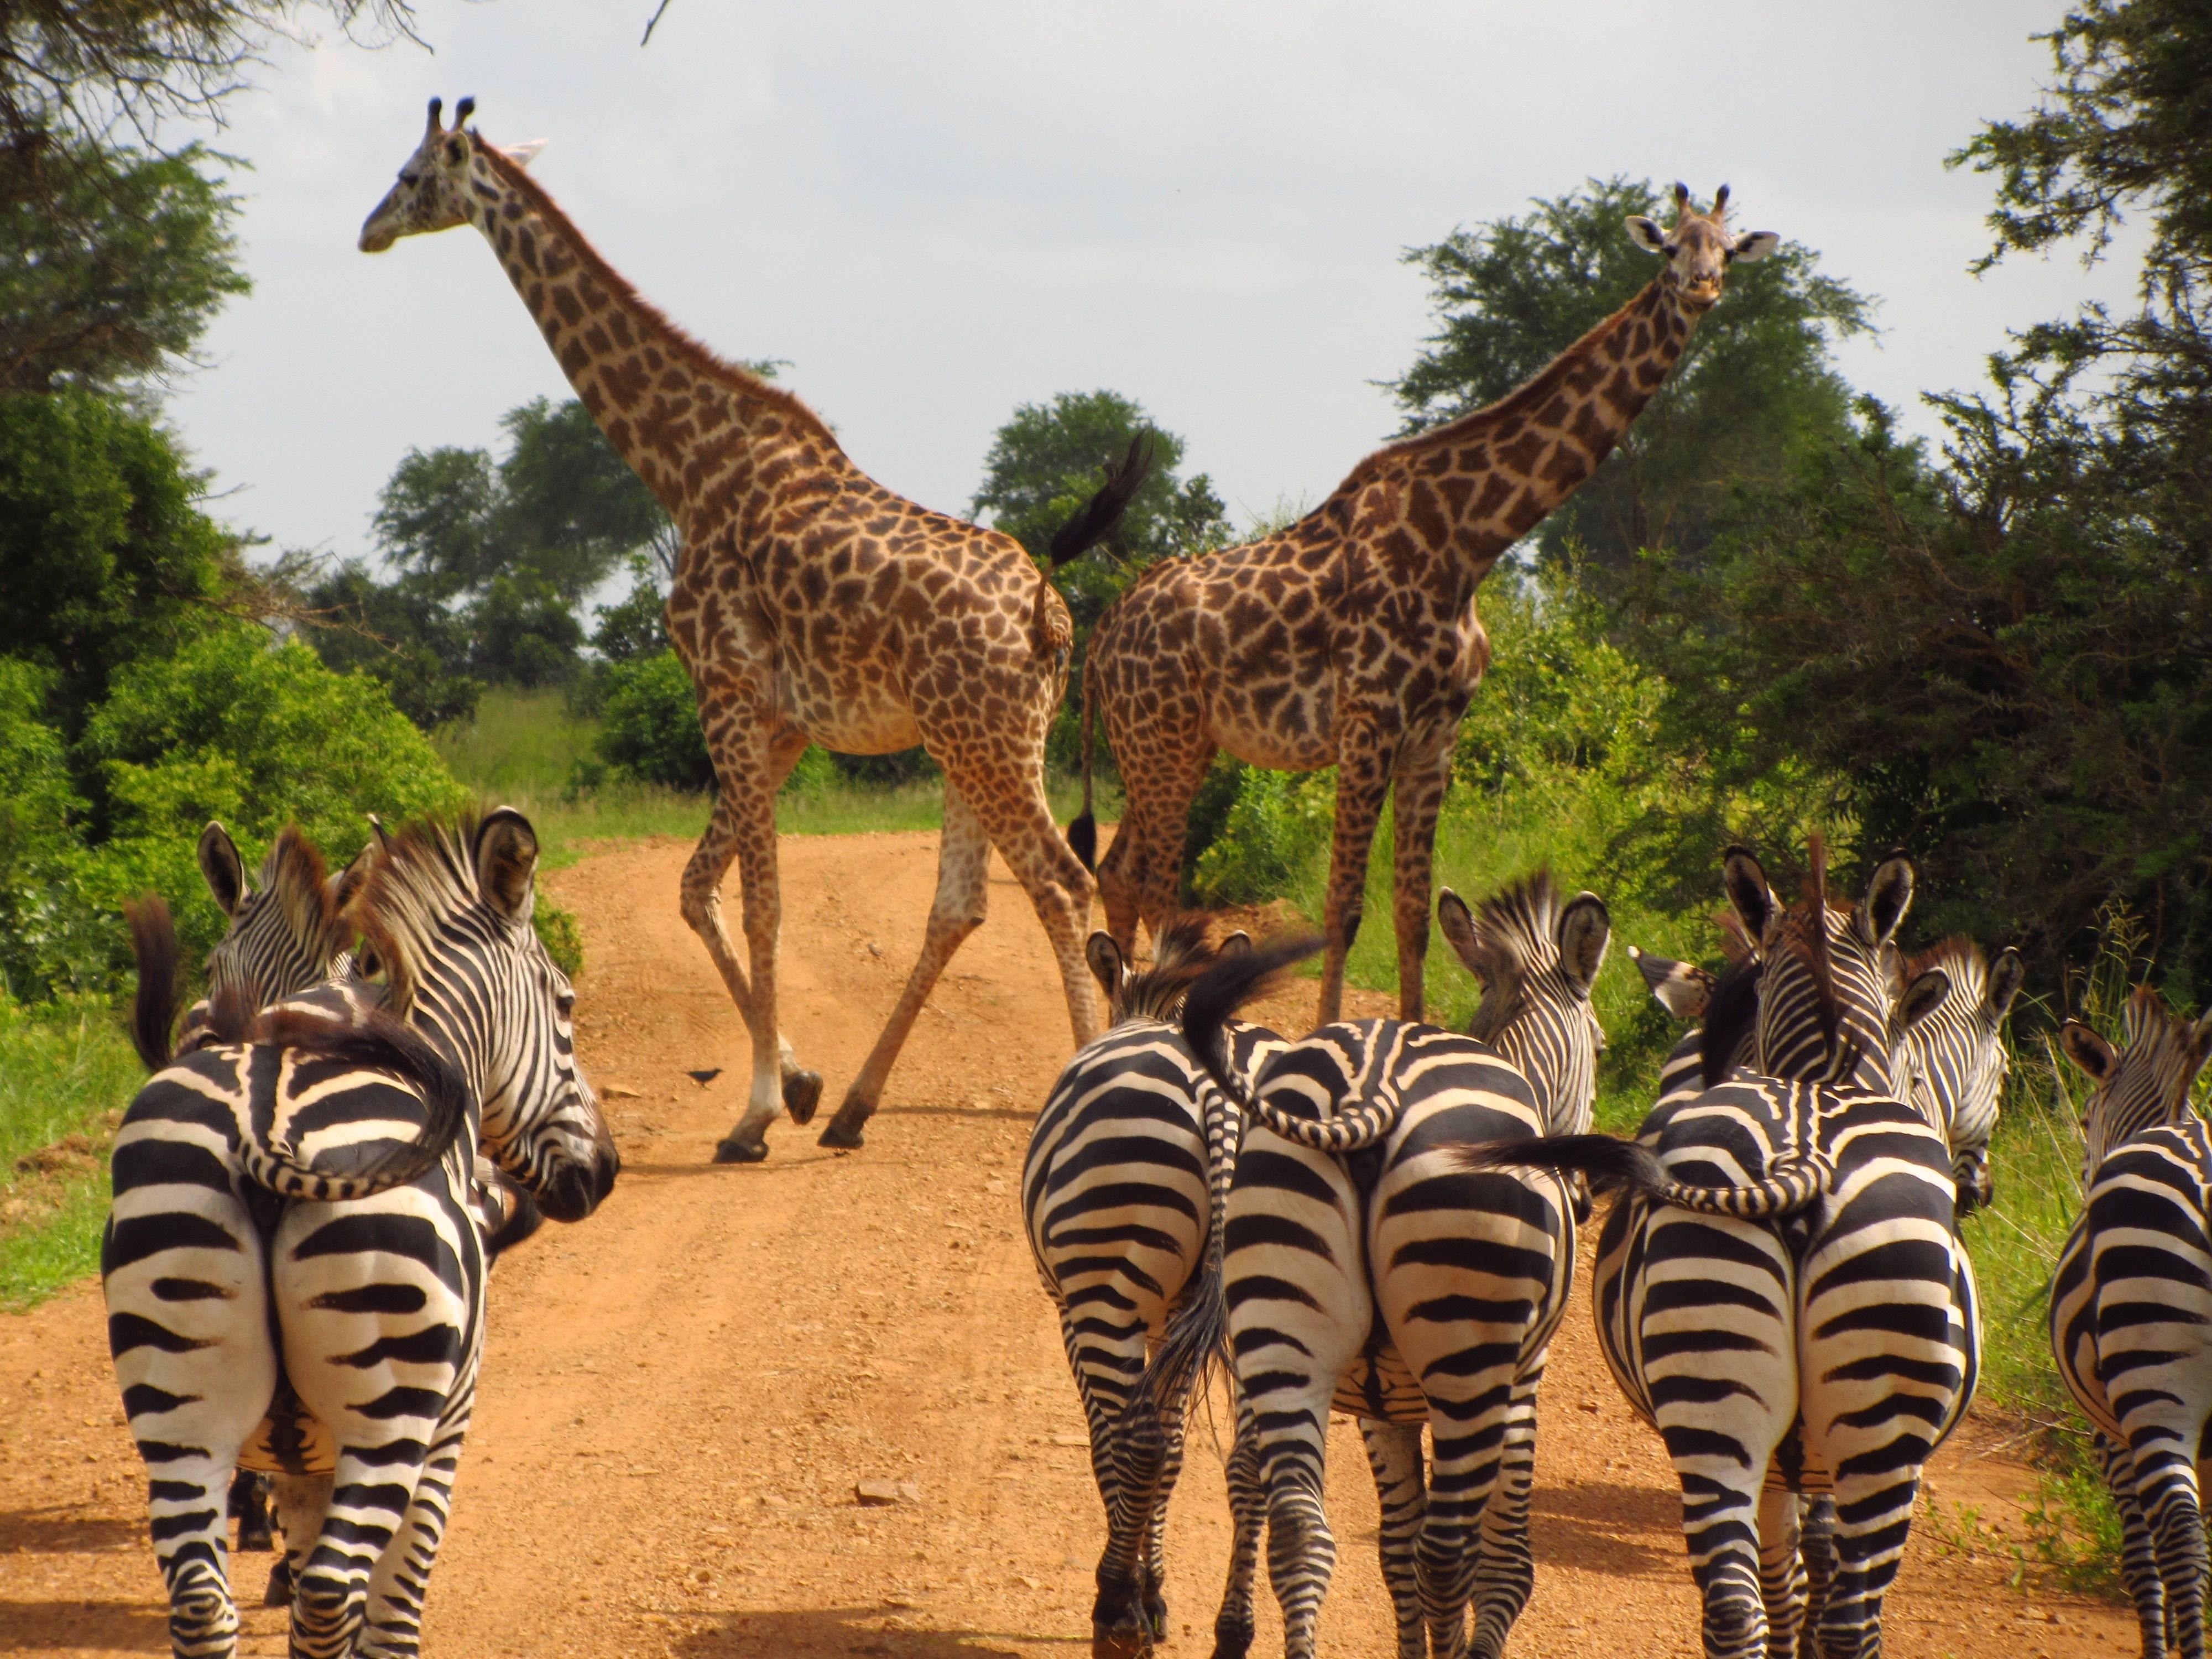 zebras-765885